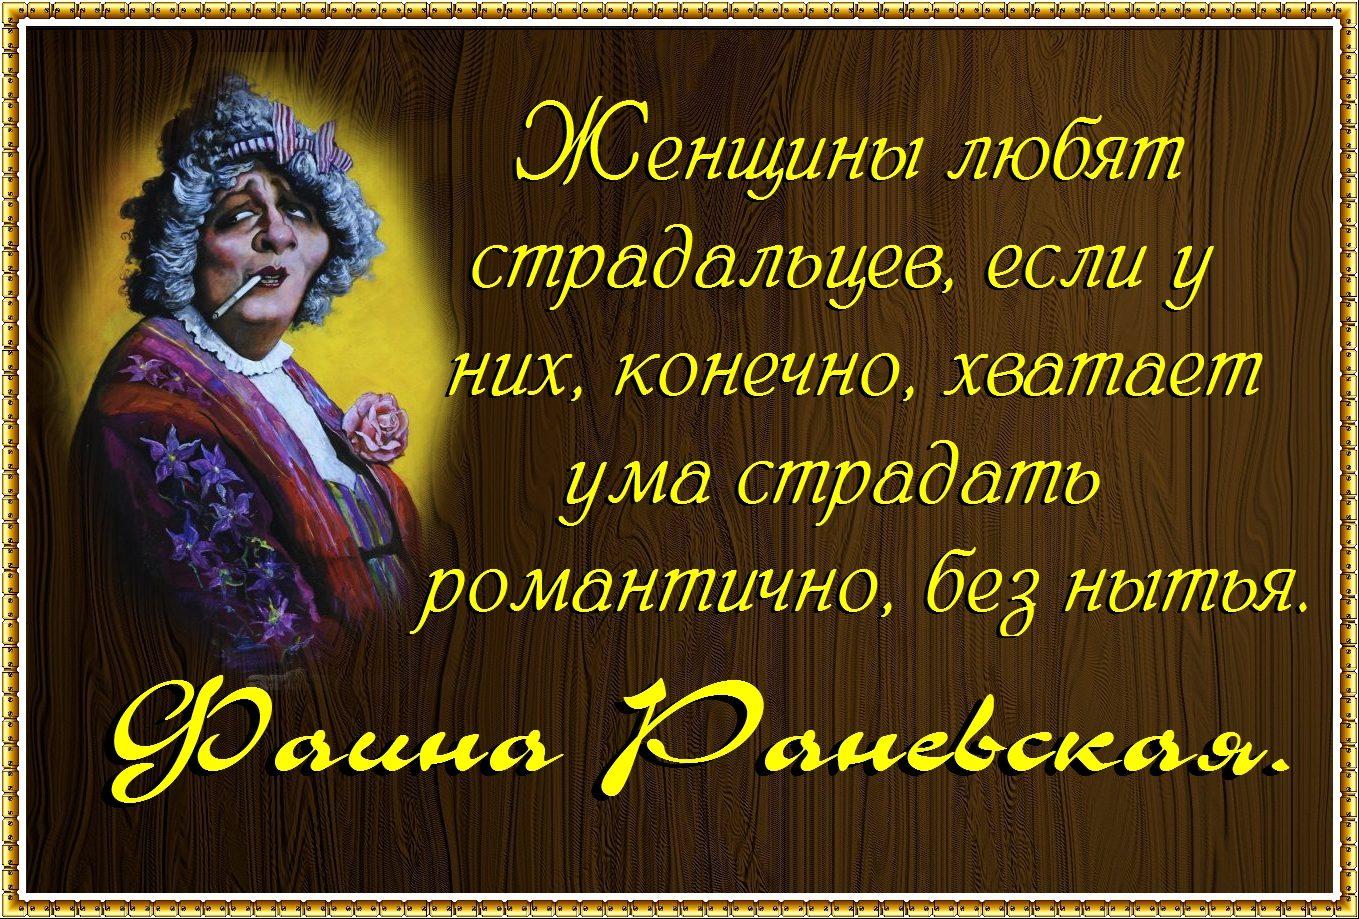 Фаина раневская поздравление с 8 марта